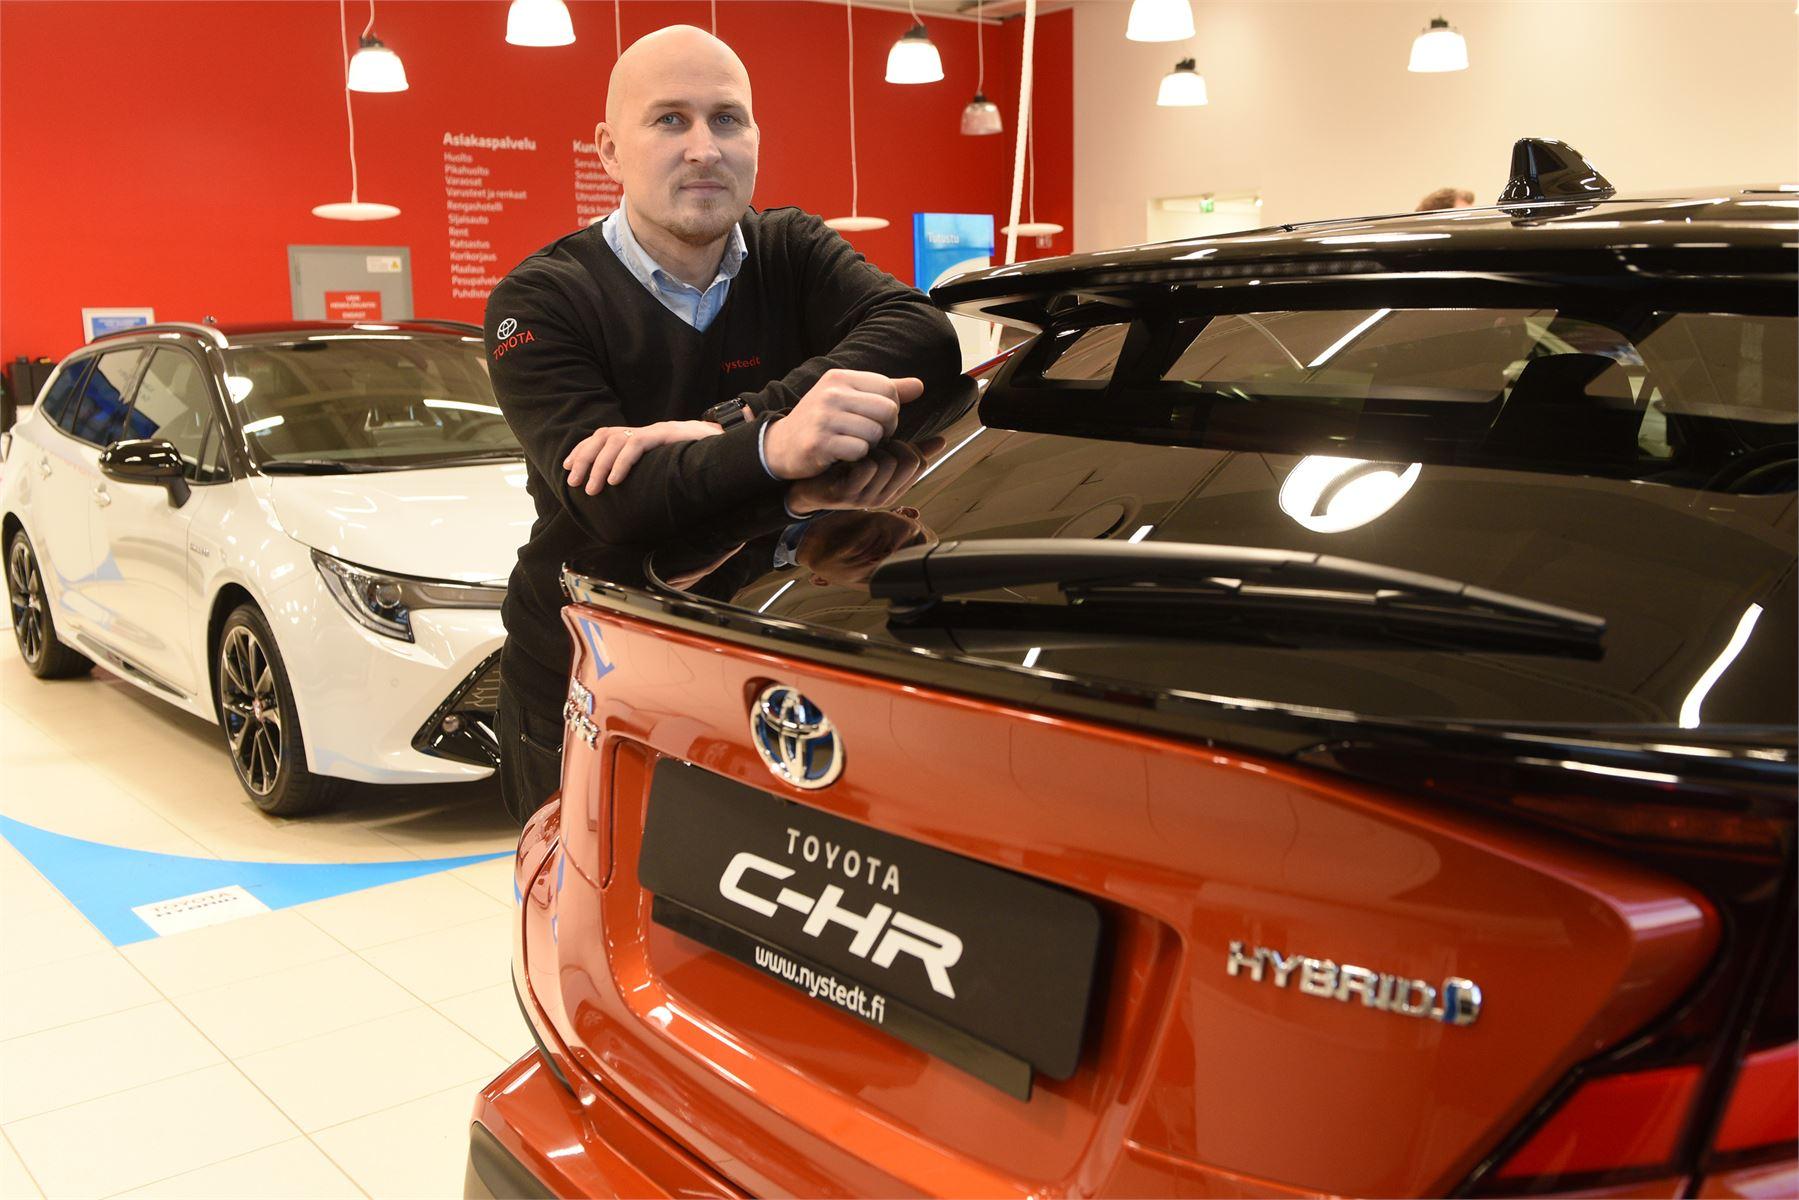 Automyyjä Jouni Karjalainen on huomannut, miten kuluttajien kiinnostus ekologiseen ajamiseen on lisääntynyt jatkuvasti.